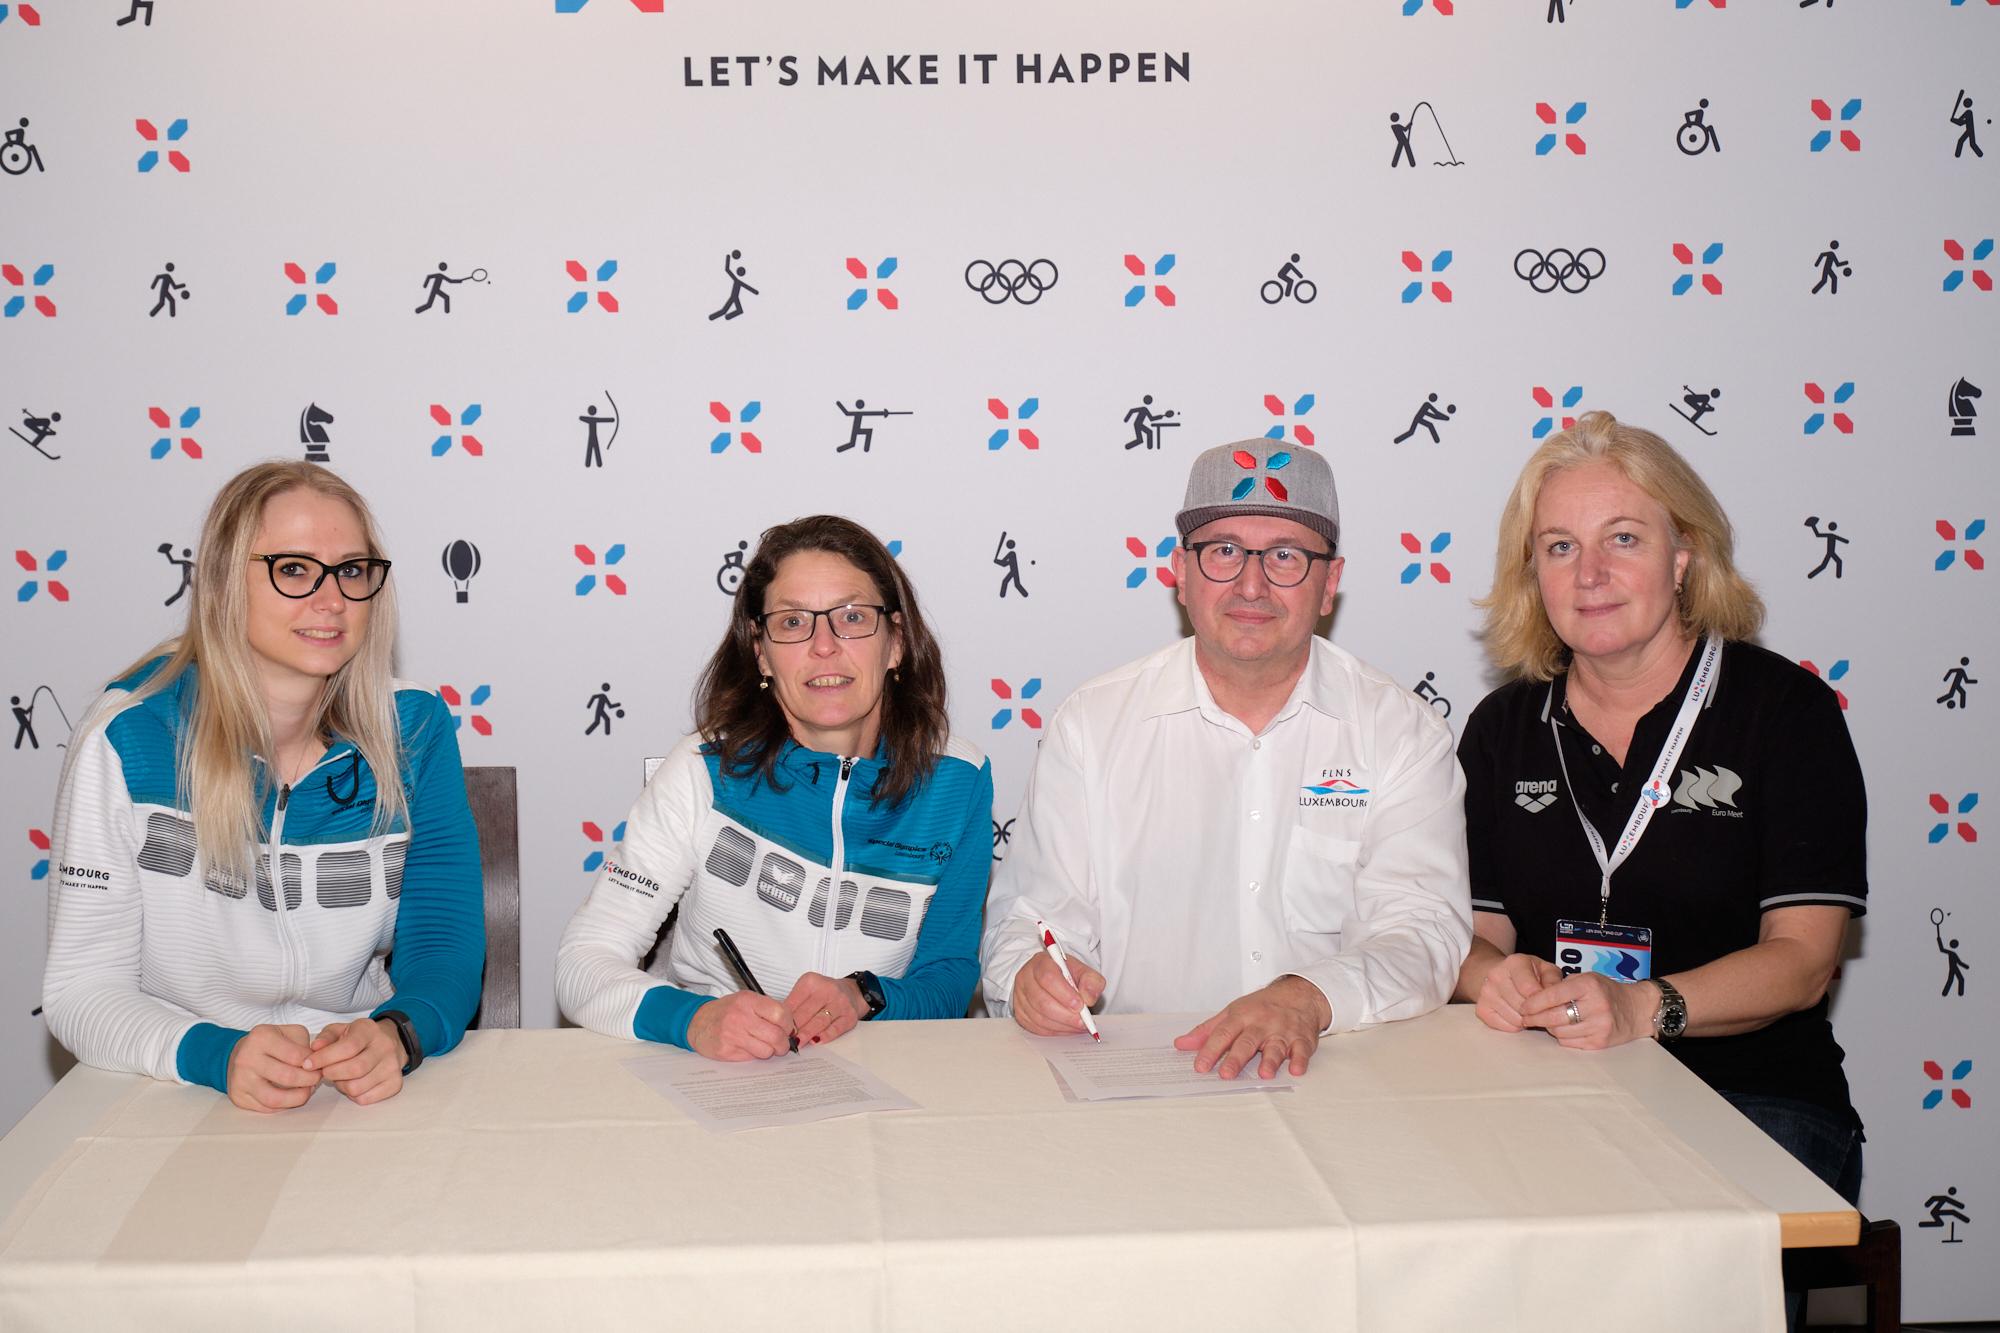 Um EuroMeet 2020 huet FLNS e Partenariat mat Special Olympics ennerschriwen. E grousse Merci fir dei Ennerstetzung